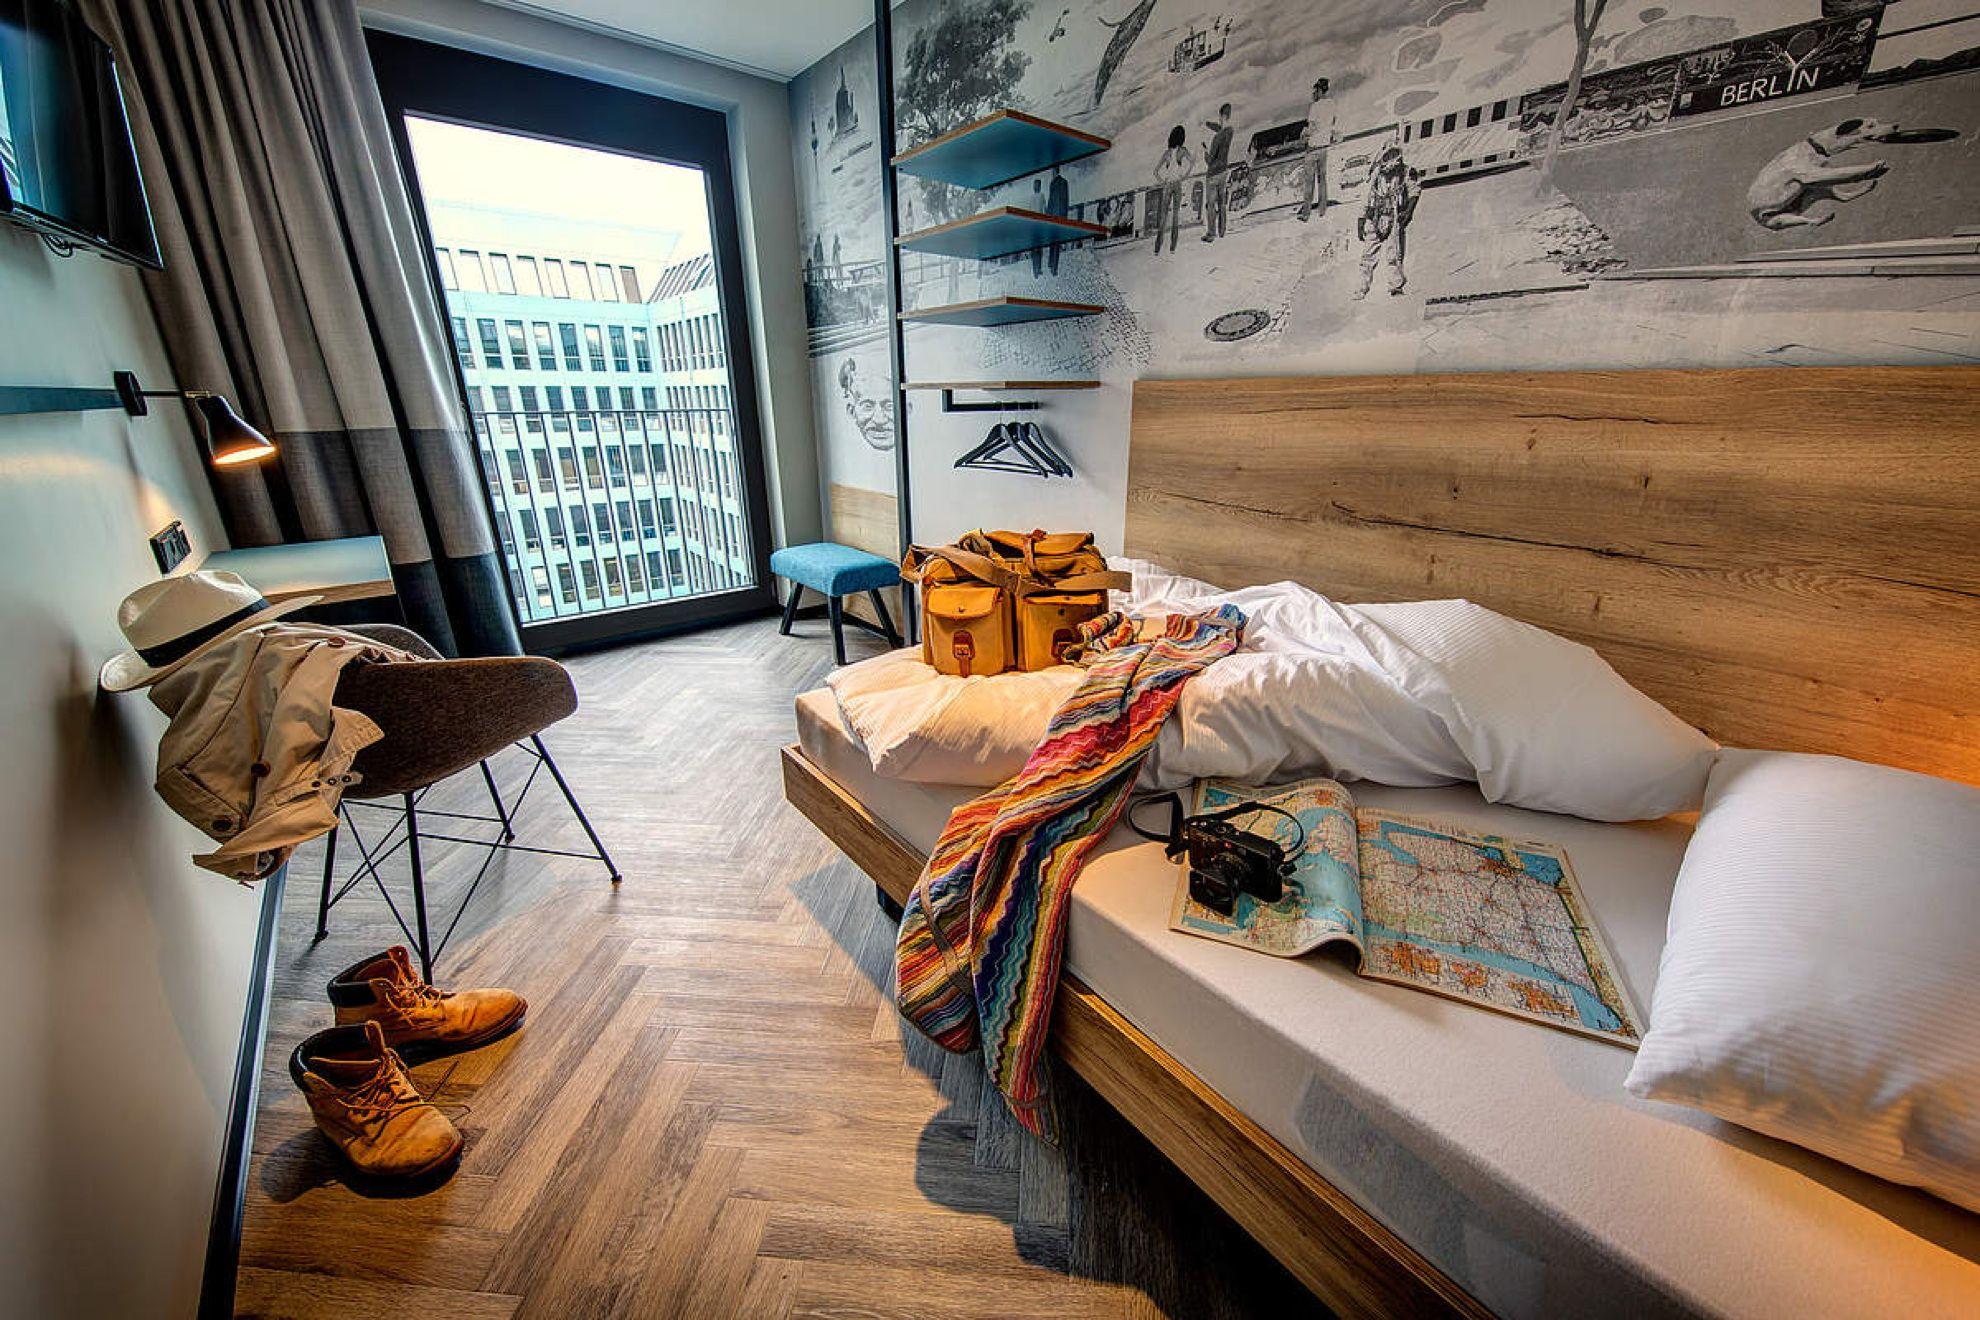 Schulz Hotel East Side Gallery Berlin Livegreenblog East Side Gallery Modern Hotel Room Hotel